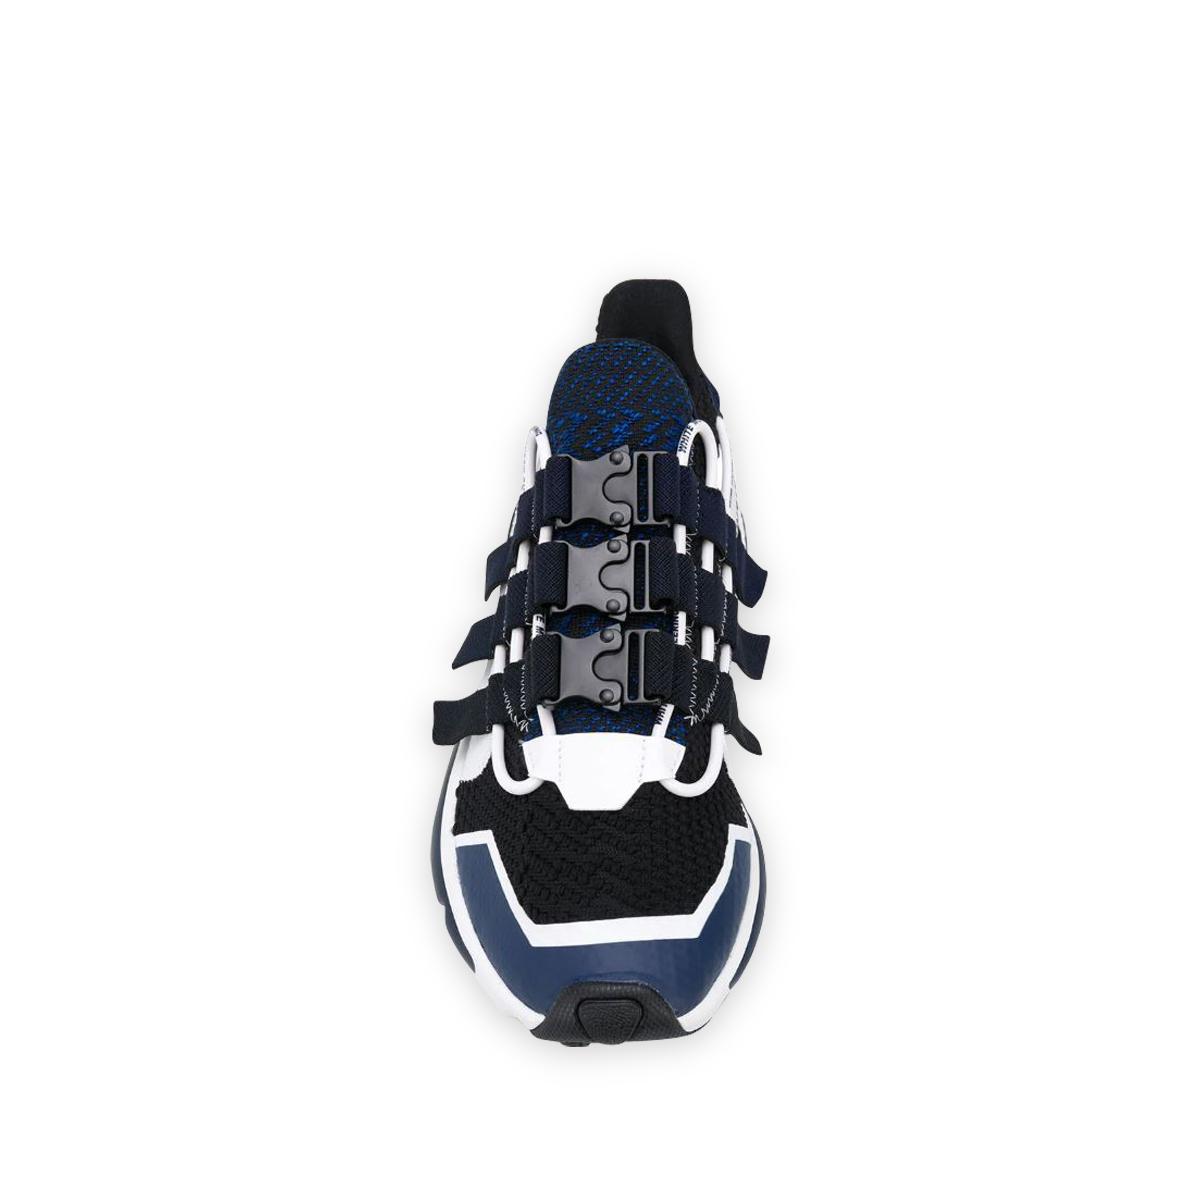 White Mountaineering X Adidas Originals LXCON